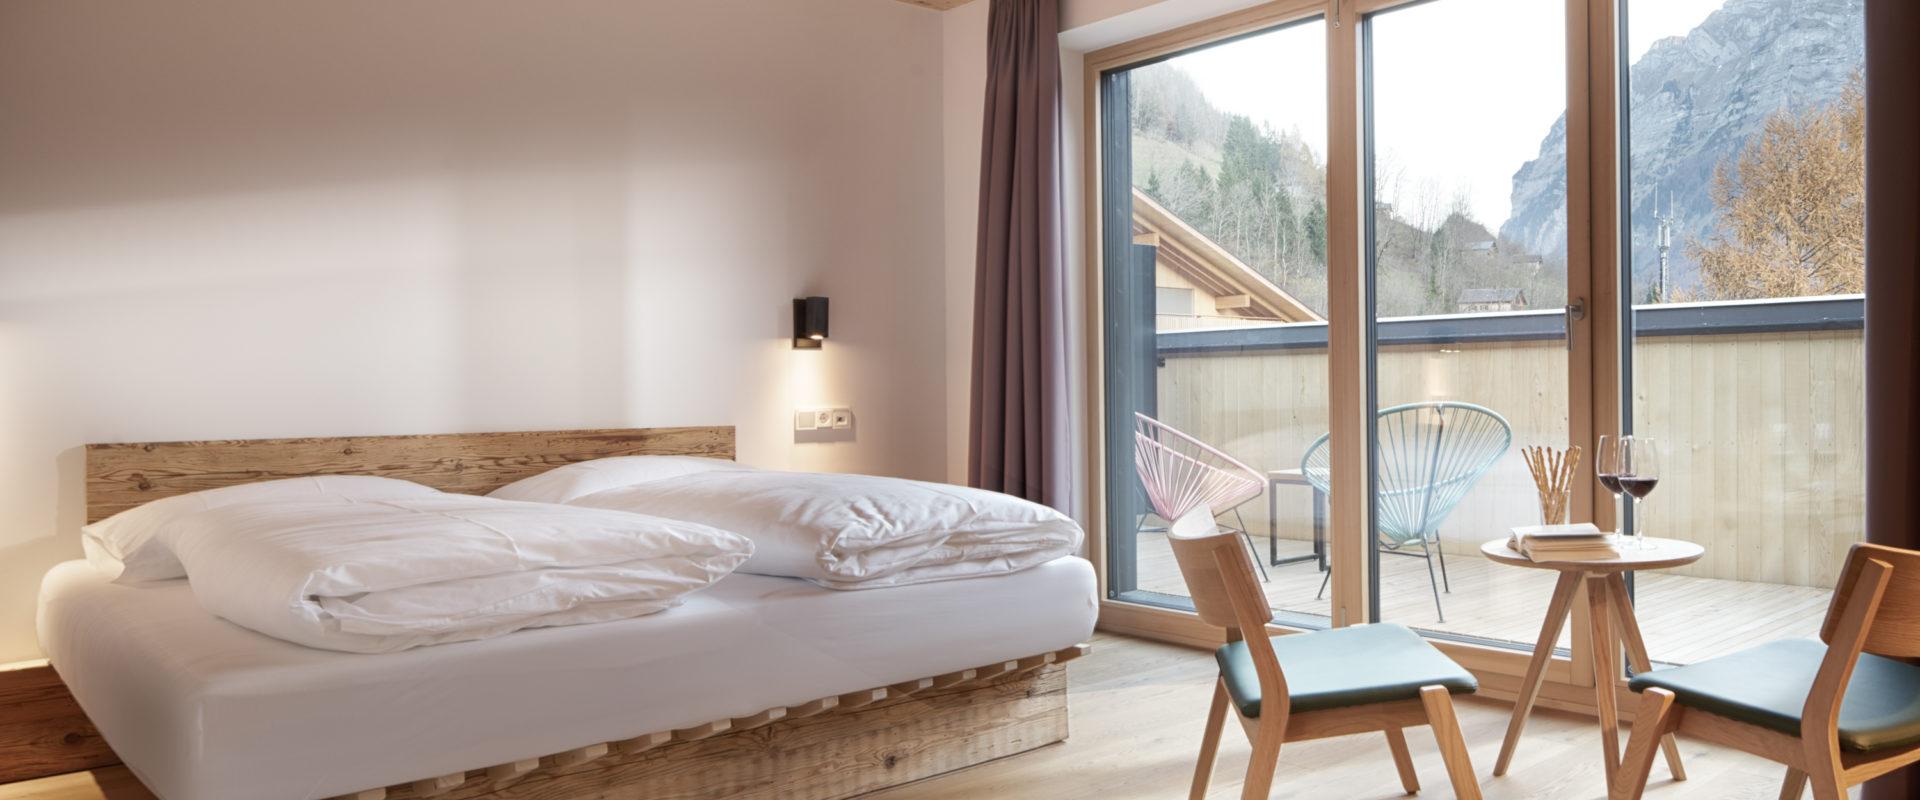 Radurlaub mit Stil im Hotel Bären in Mellau